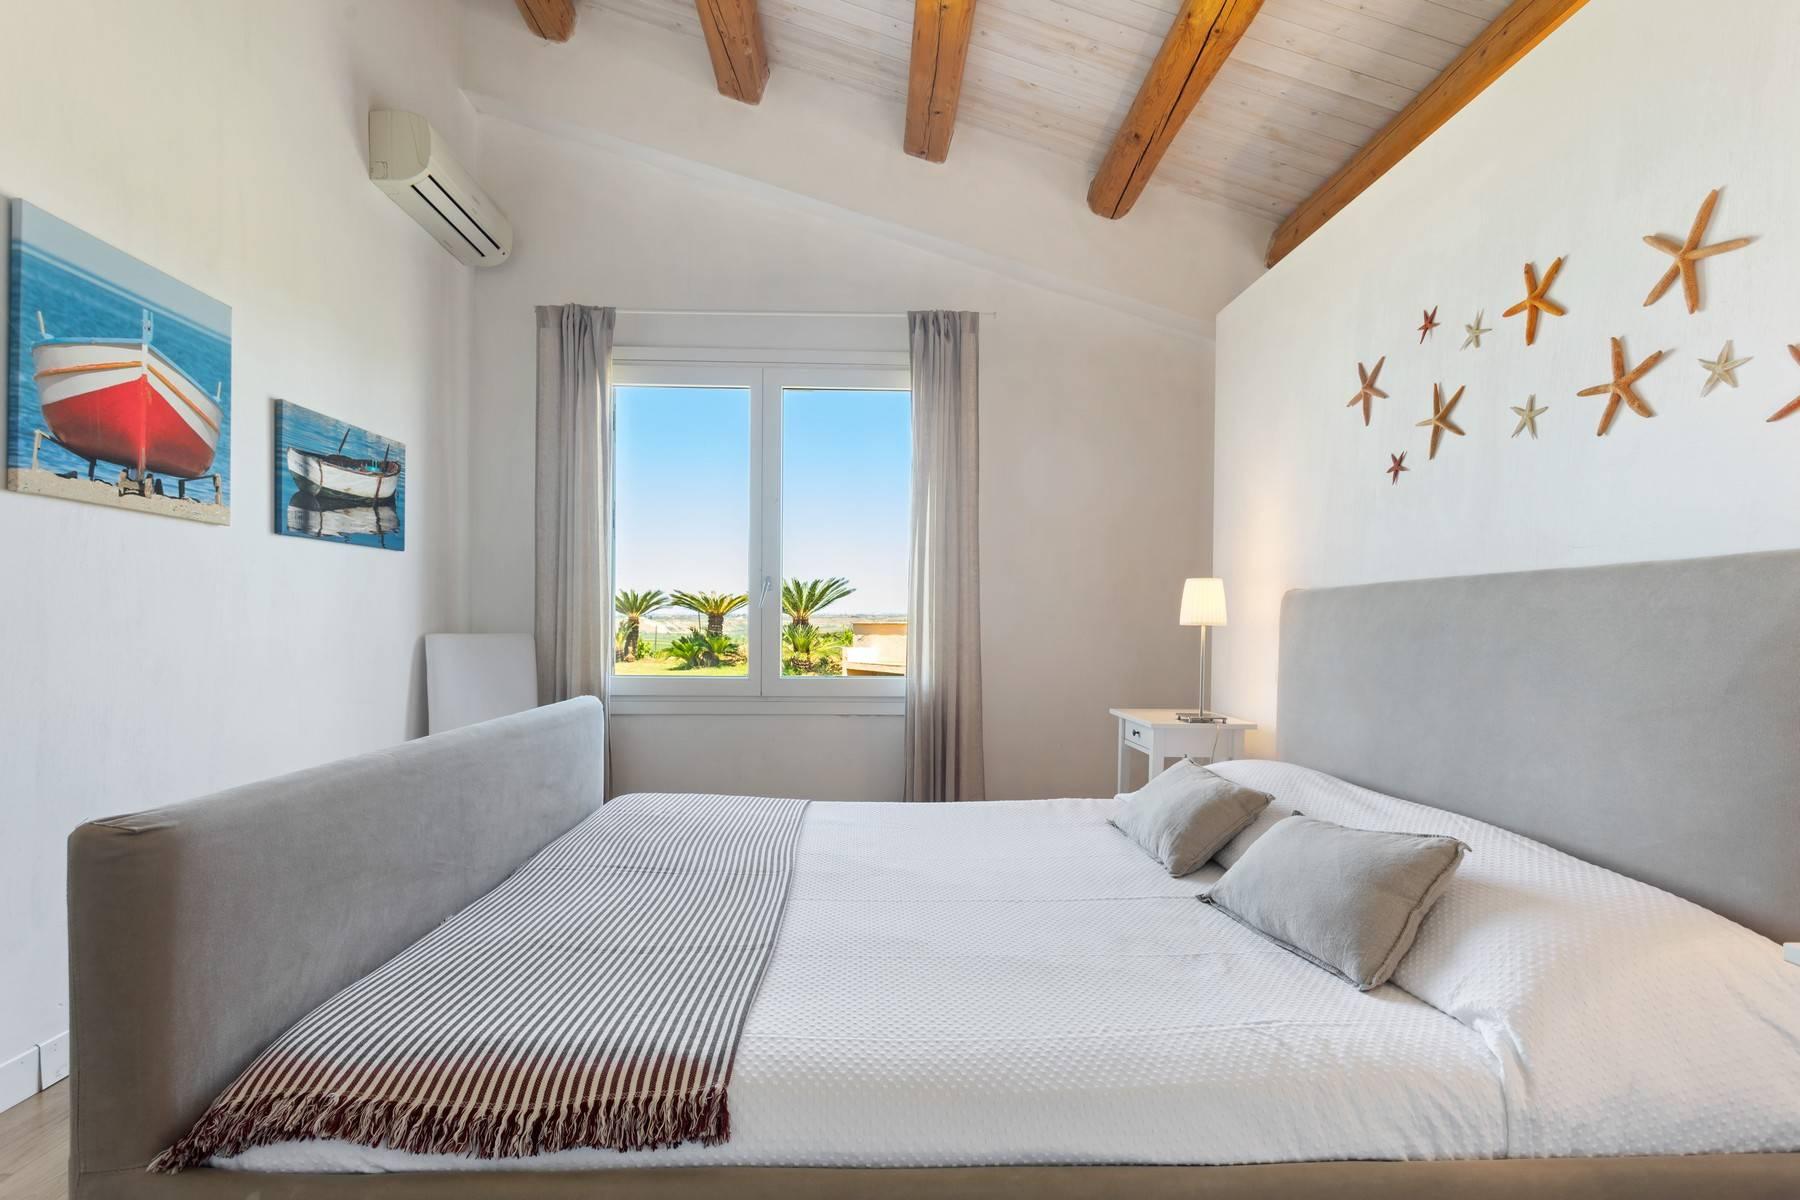 Villa in Vendita a Castelvetrano: 5 locali, 180 mq - Foto 17